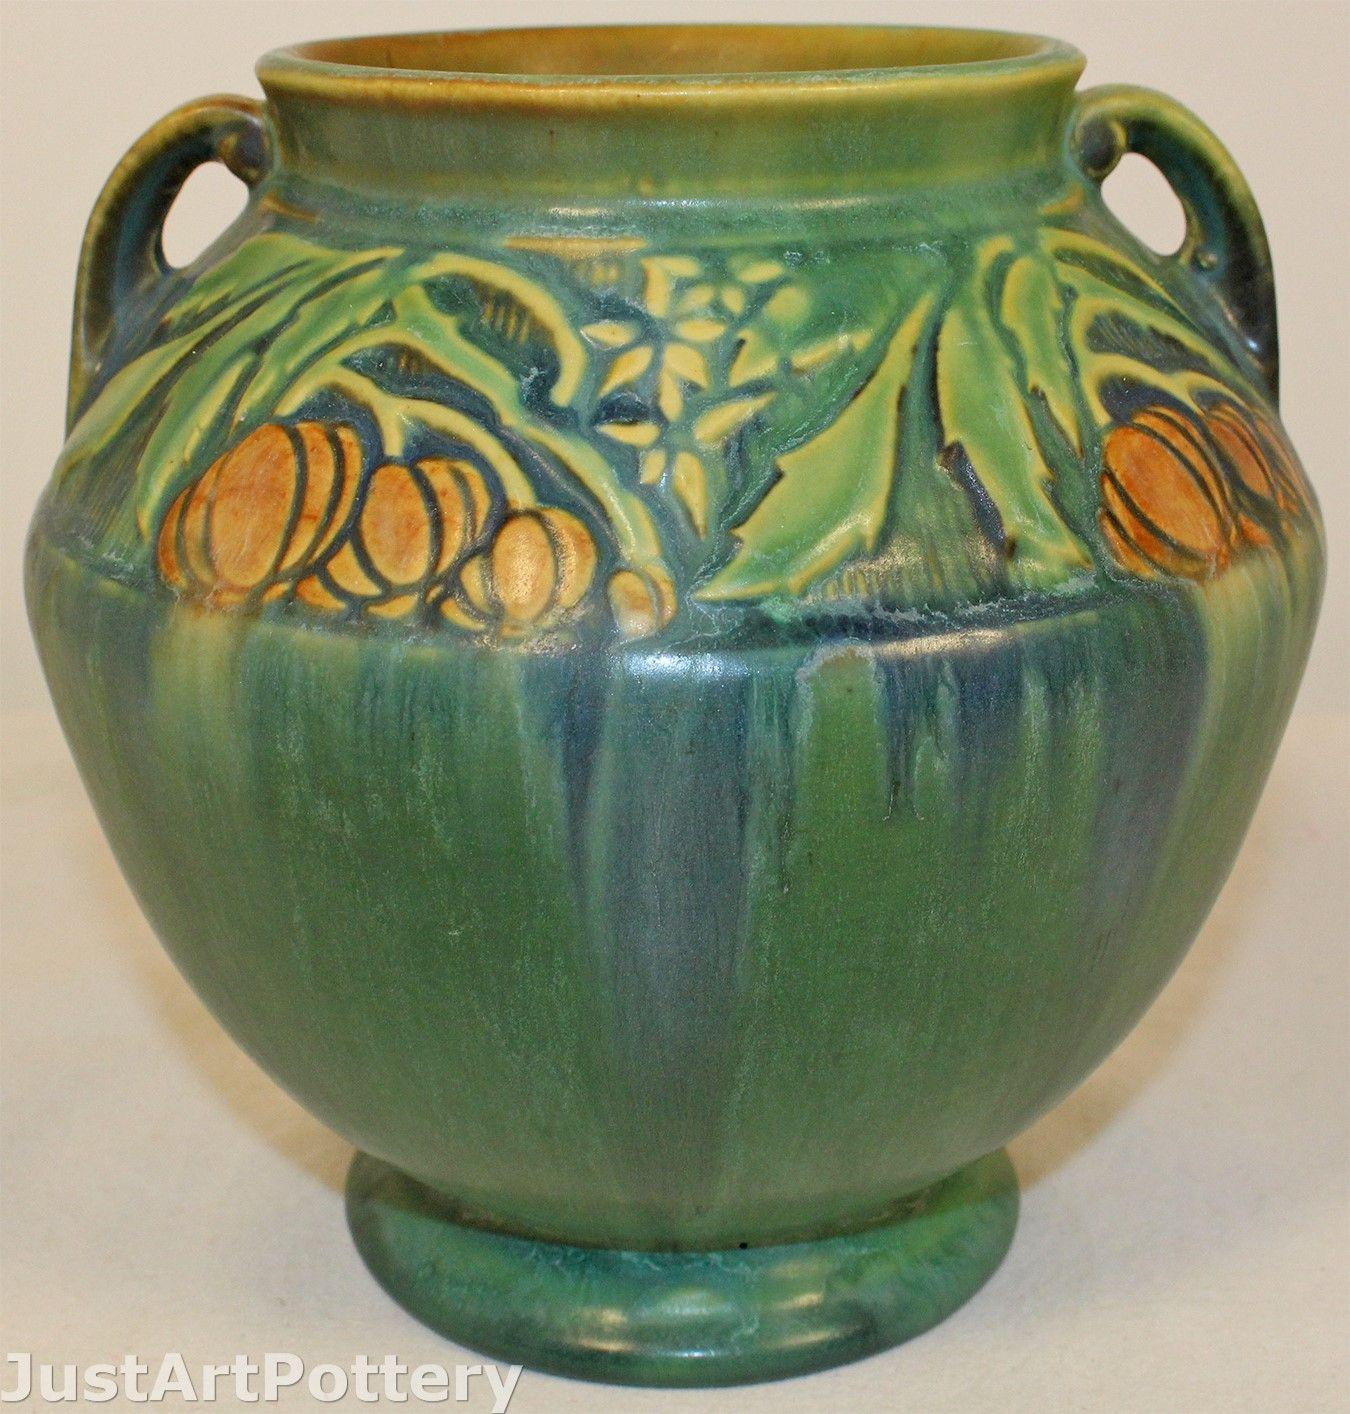 roseville pottery dogwood vase of rookwood pottery 1895 covered box shape 692 baker from j in roseville pottery baneda green vase 591 6 from just art pottery